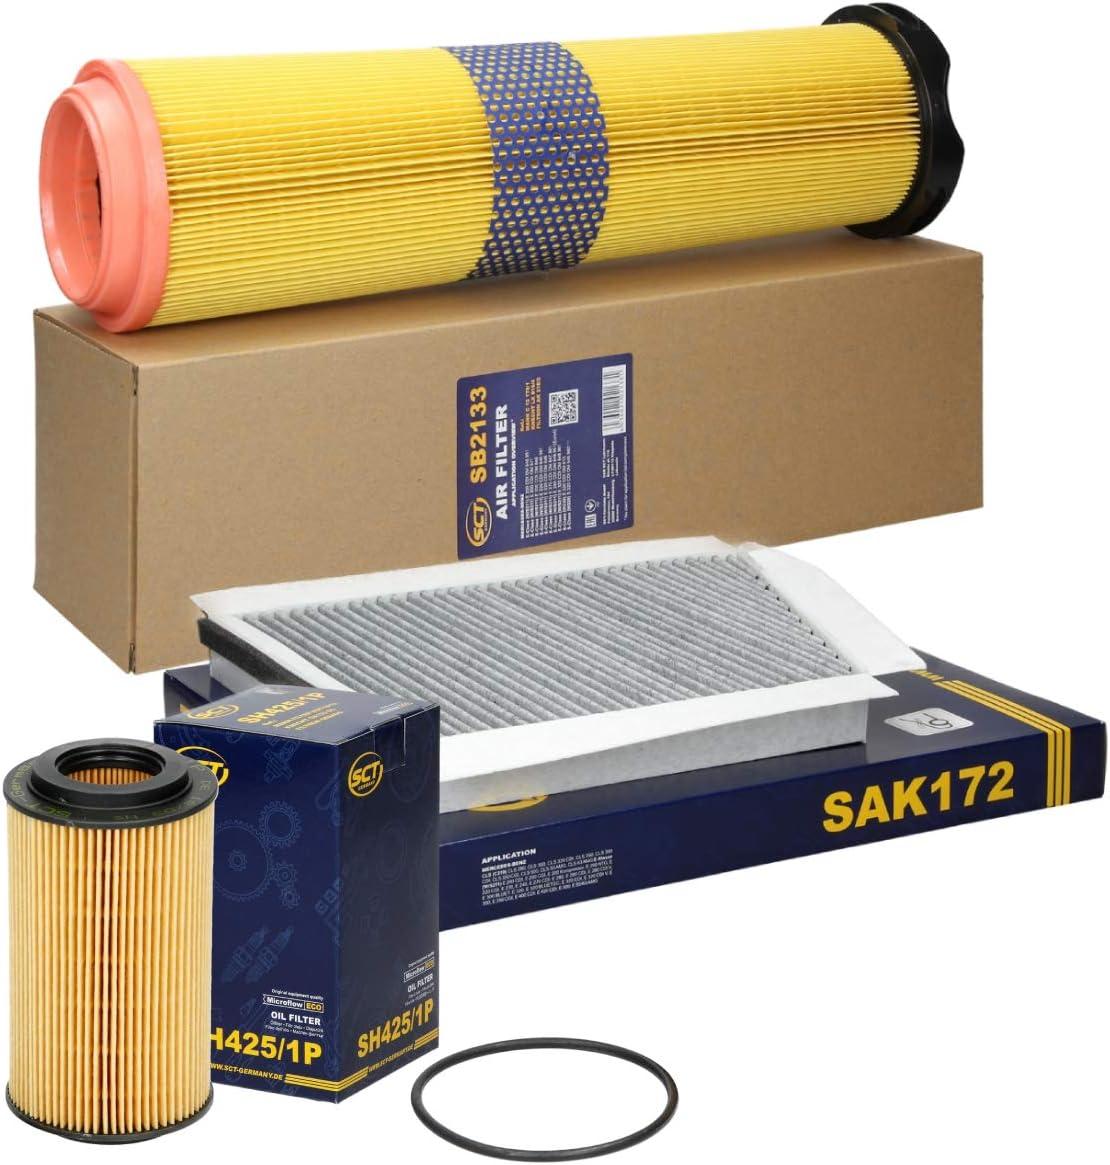 Sct Germany Inspektionspaket Wartungspaket Filterset 1 X Luftfilter 1 X Innenraumfilter Mit Aktivkohle 1 X Ölfilter Auto